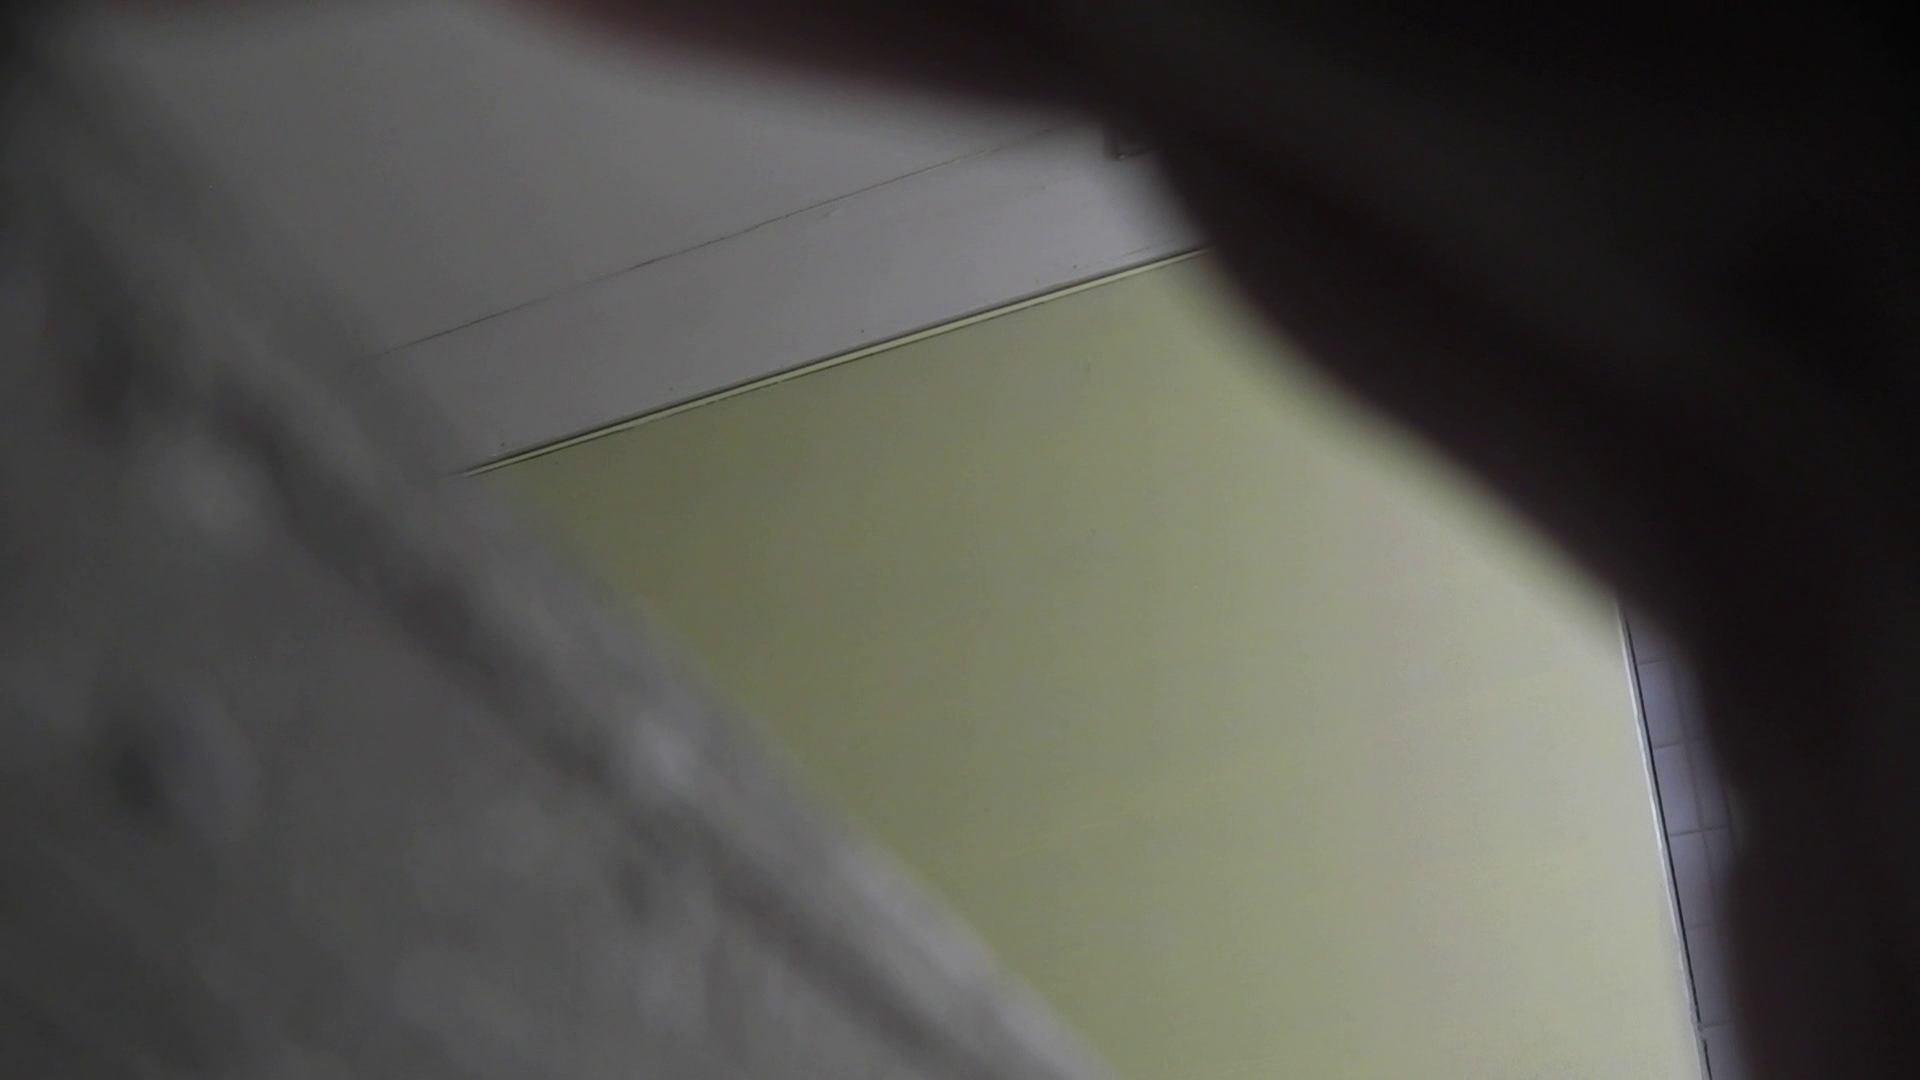 洗面所特攻隊 vol.001 清楚な美脚さん 洗面所 ぱこり動画紹介 75画像 54